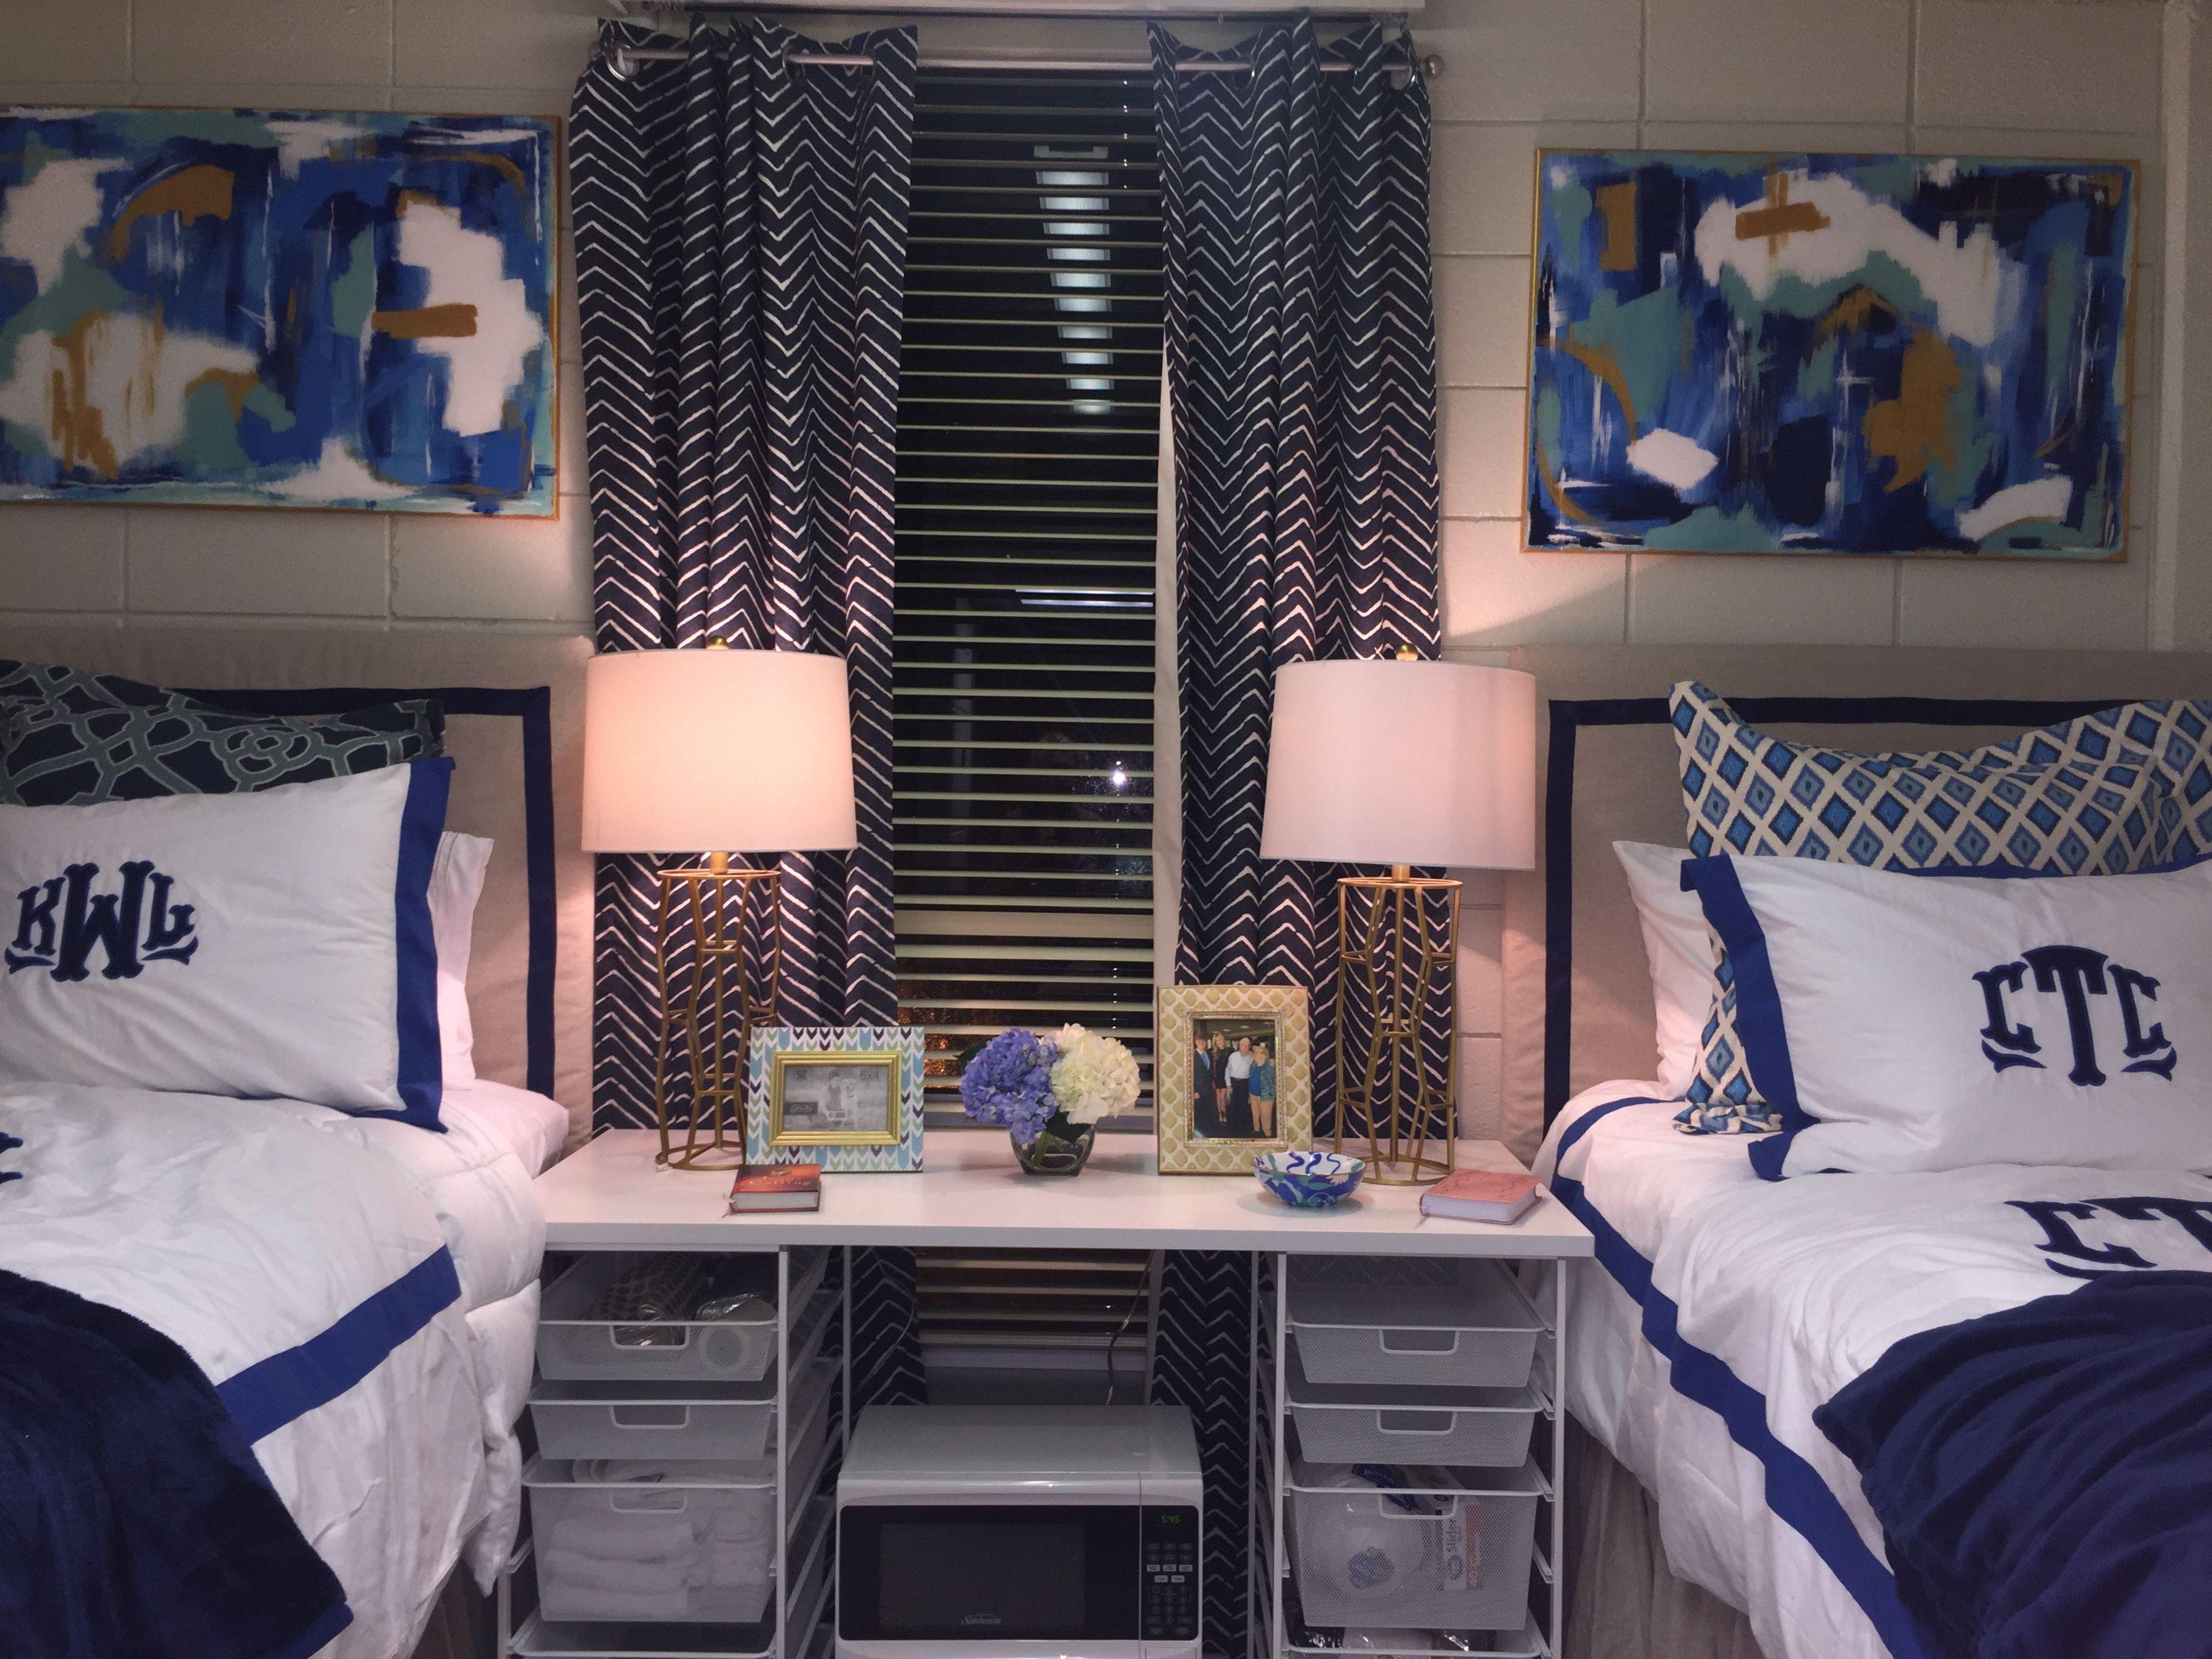 miller hall, lsu | dorm | pinterest | dorm, college and dorm room